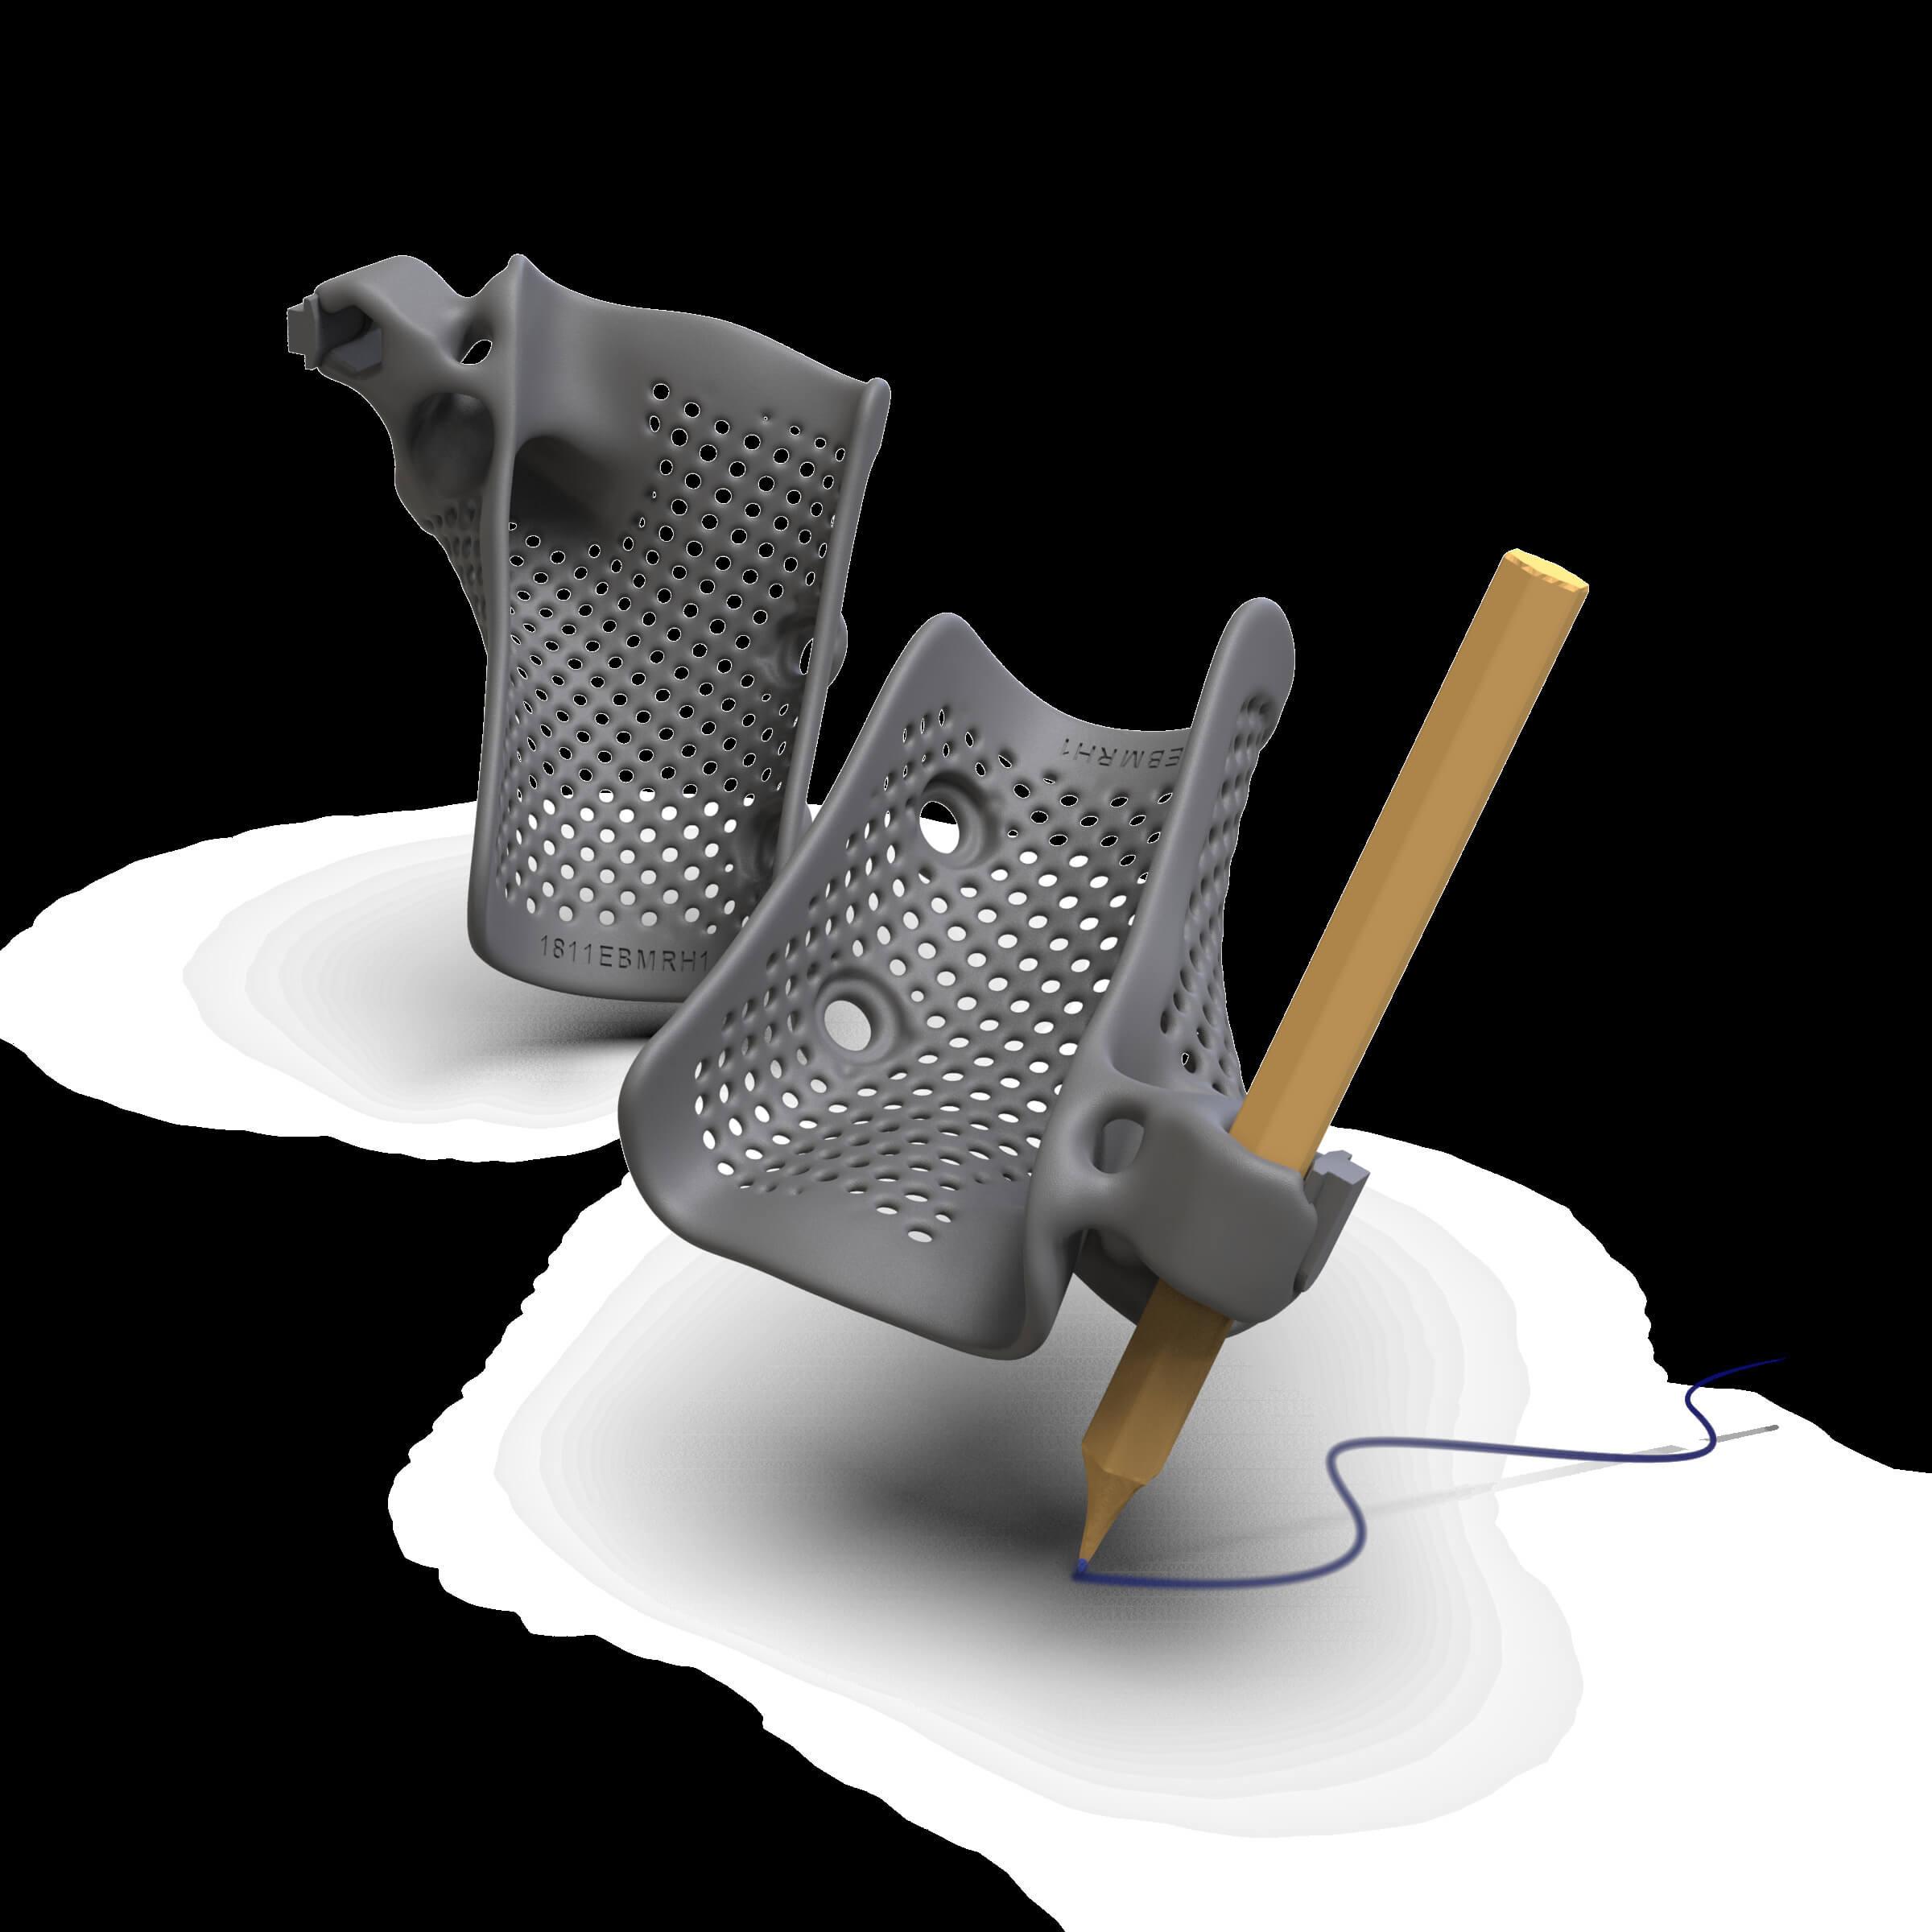 3D-Druck-Orthese_Handlagerung mit Stift.mit Schatten